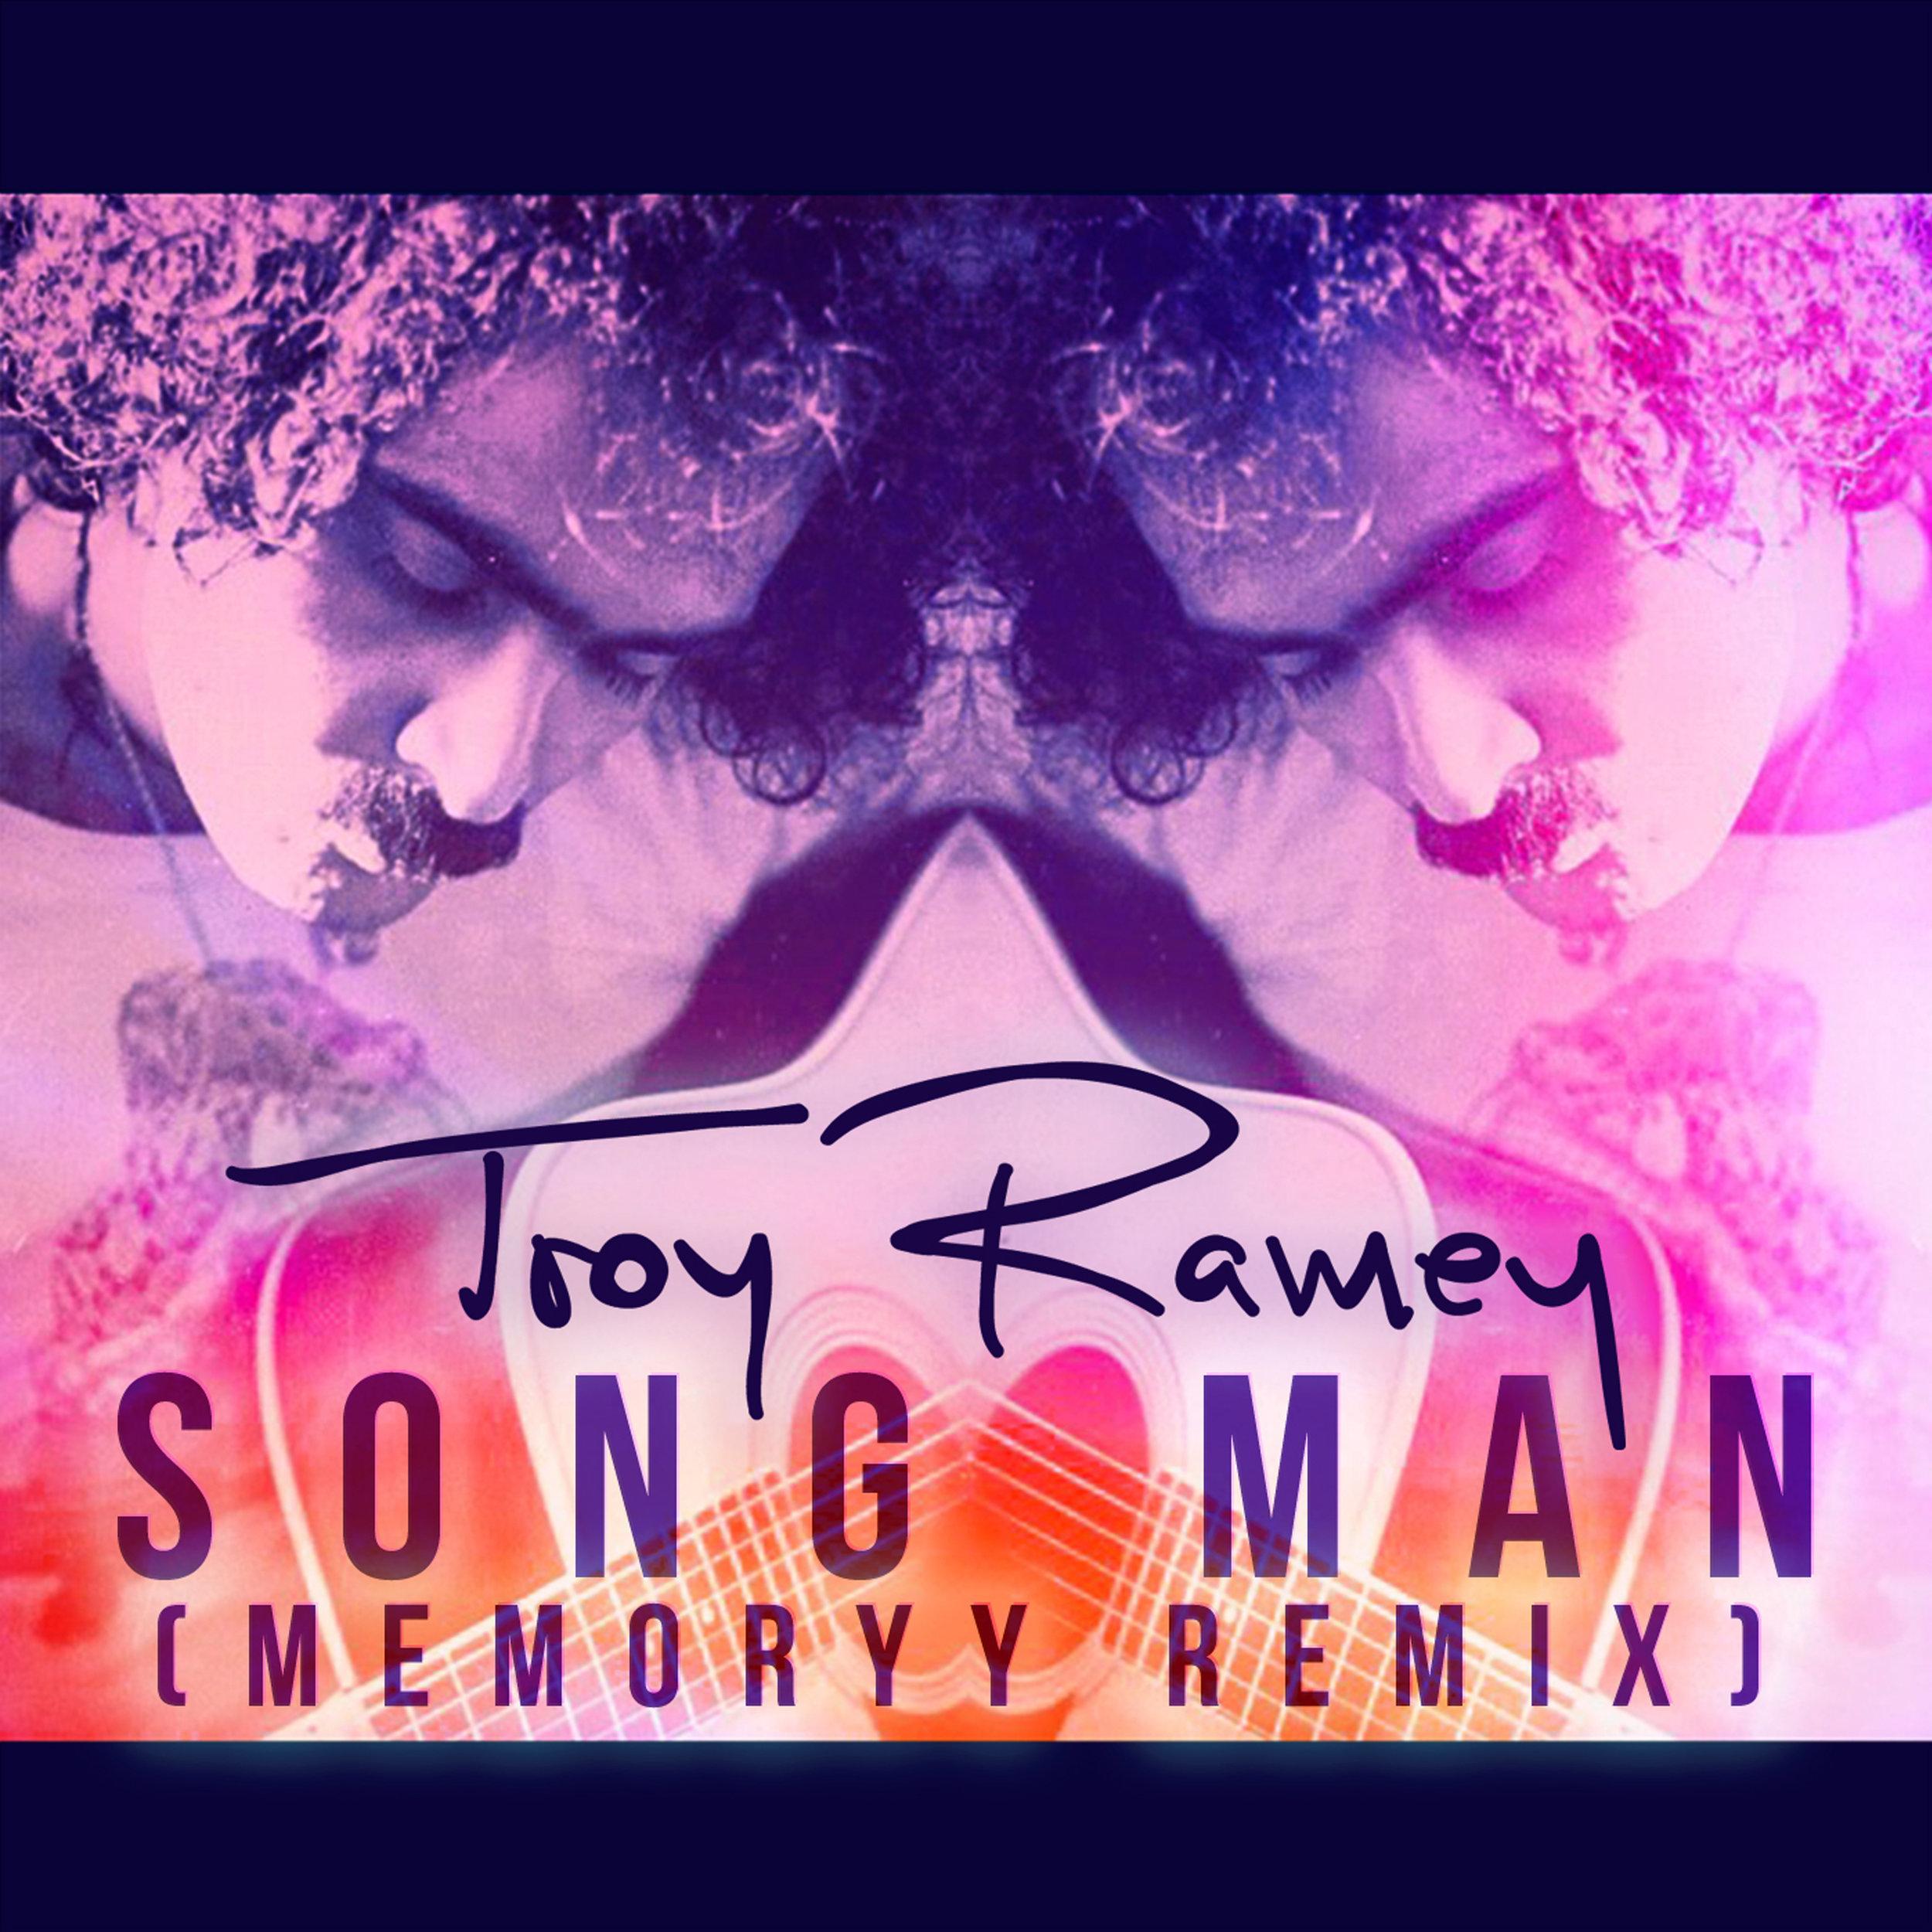 Song Man Memoryy Remix.jpg